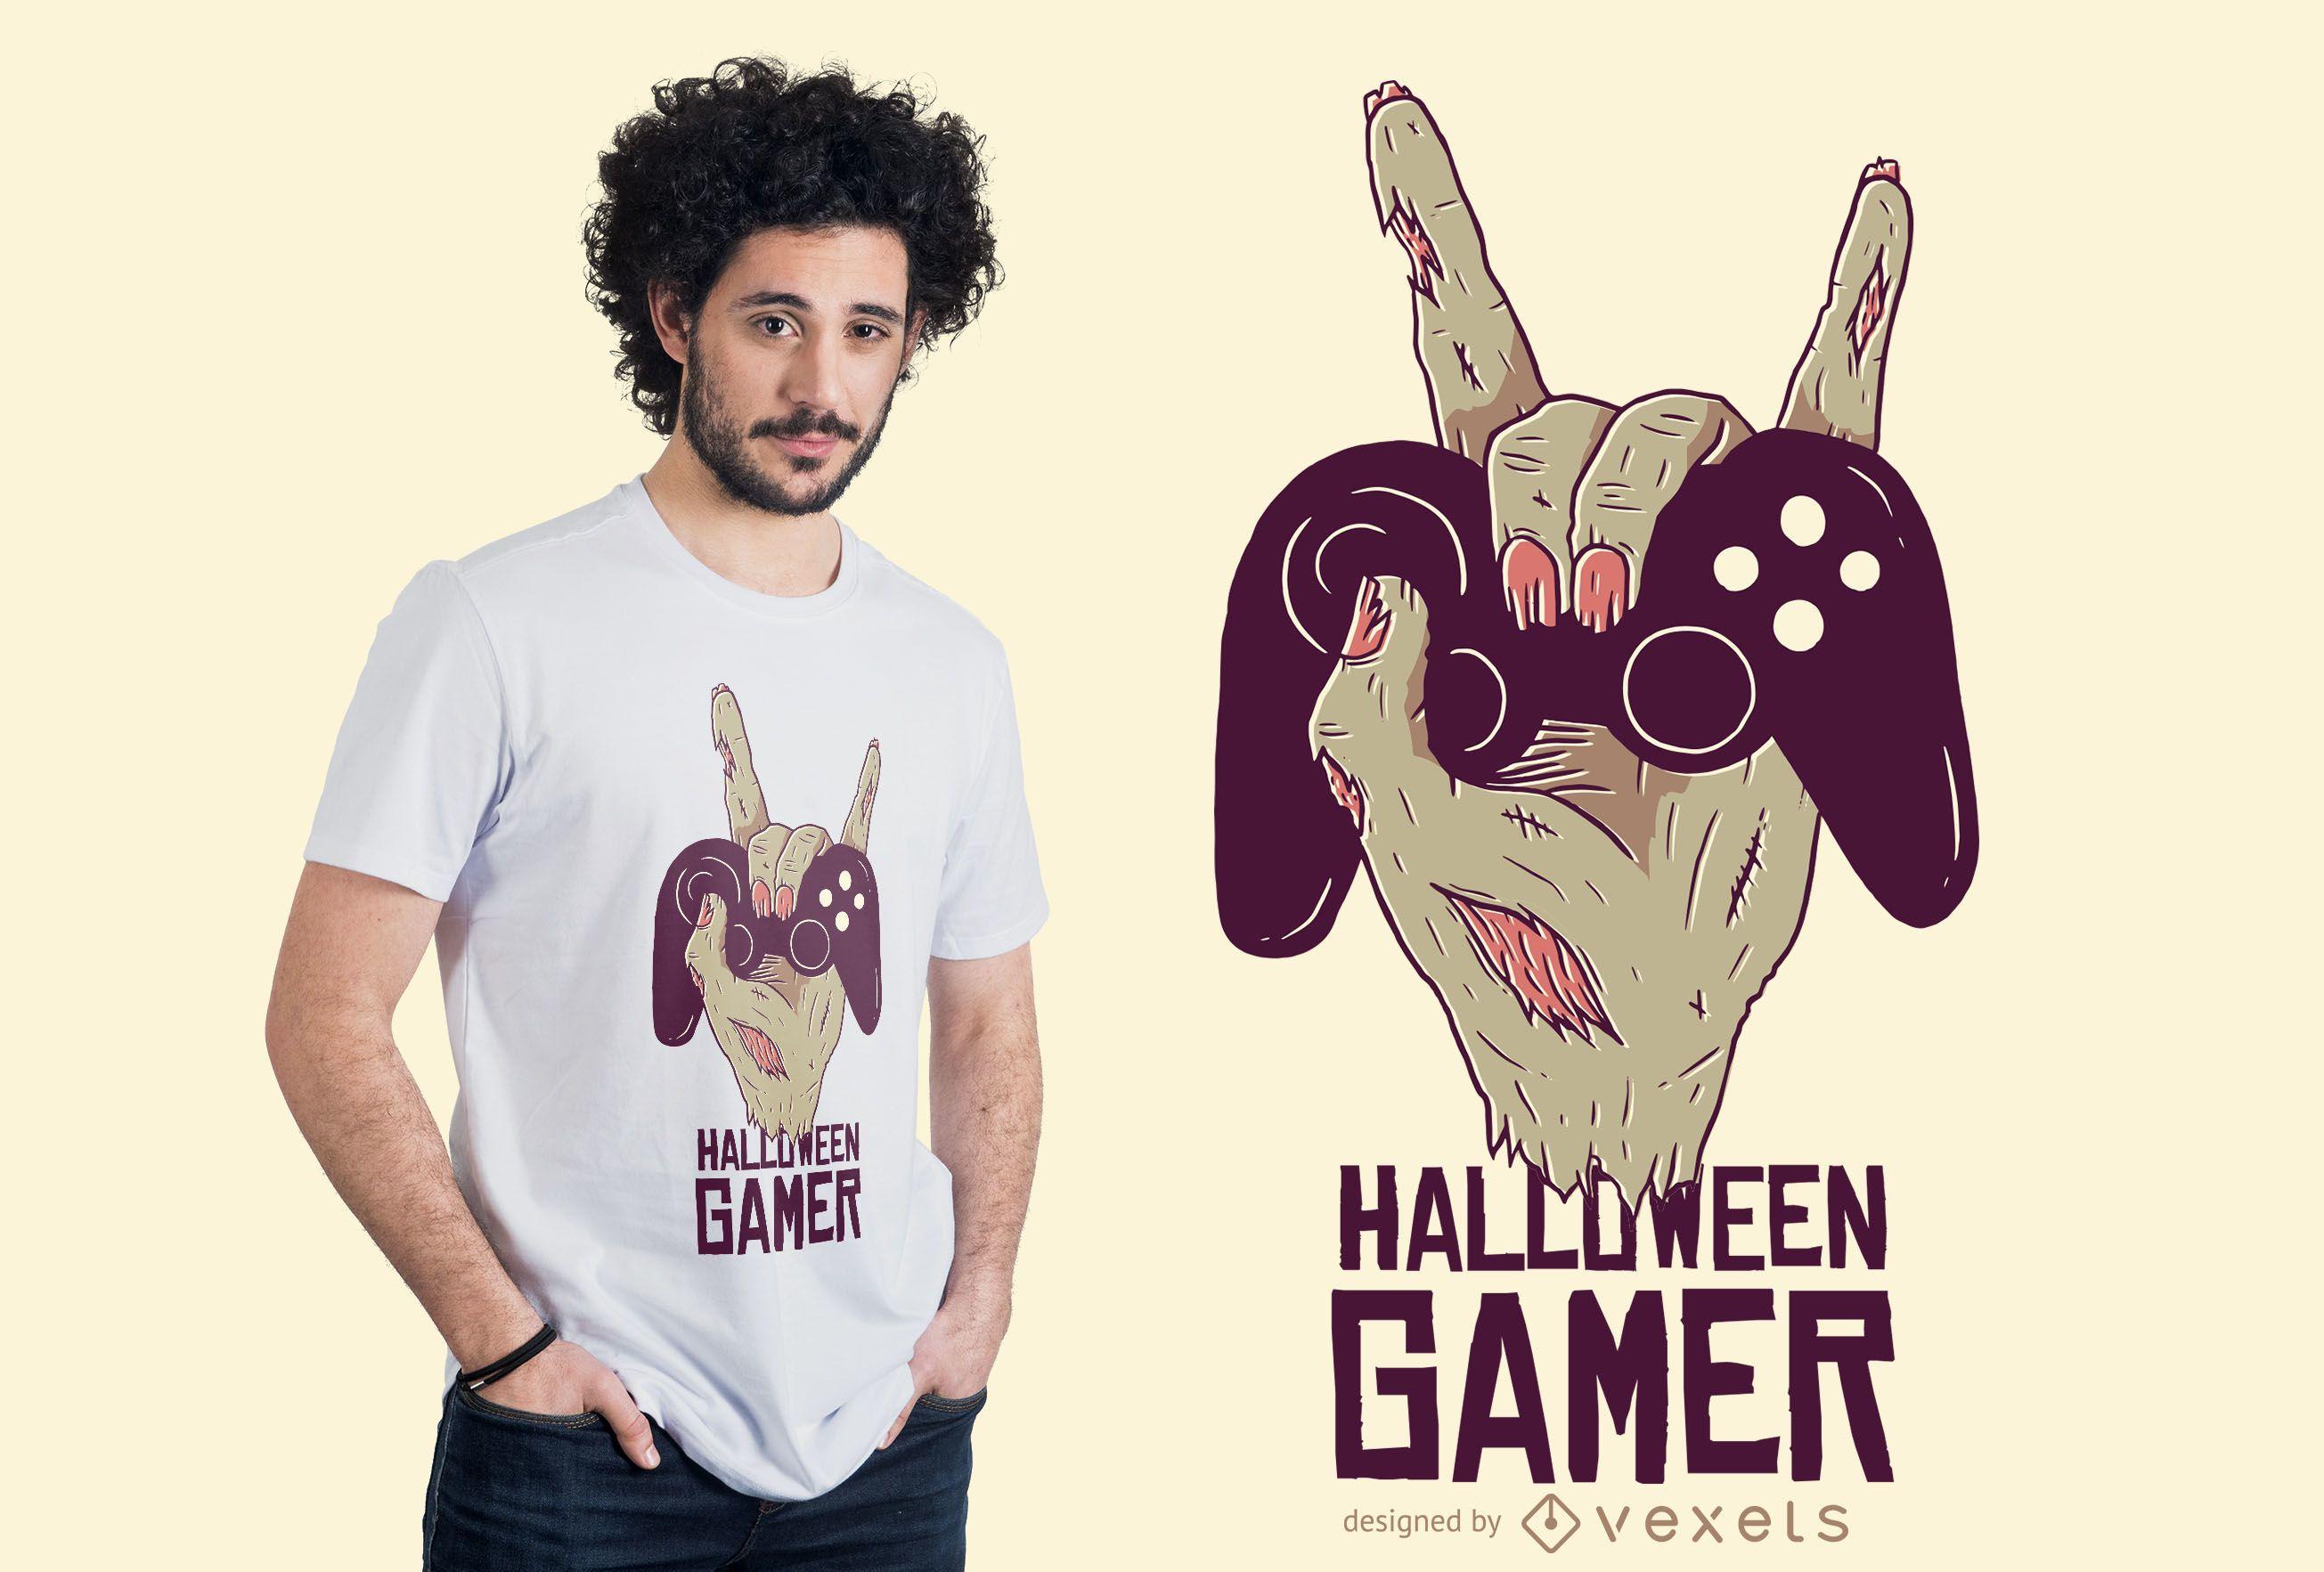 Dise?o de camiseta de Halloween Gamer